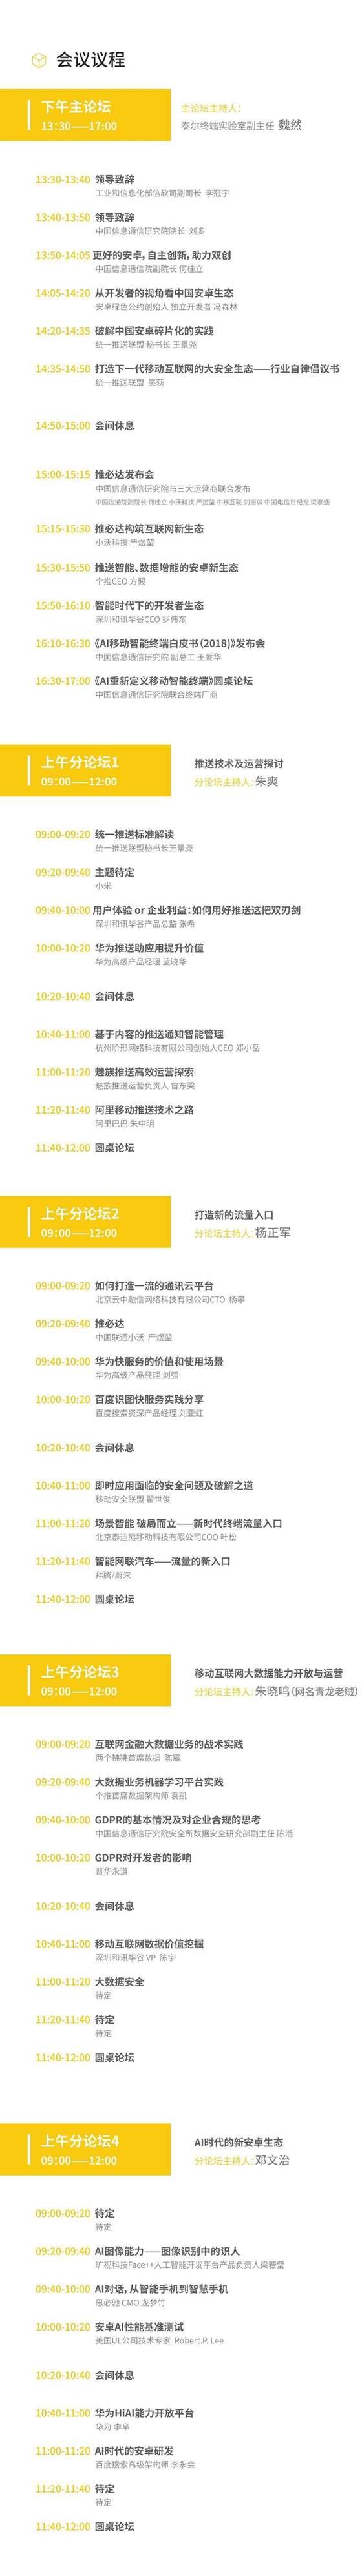 20180704中国安卓开发者大会议程长图-Alvin-0706.jpg